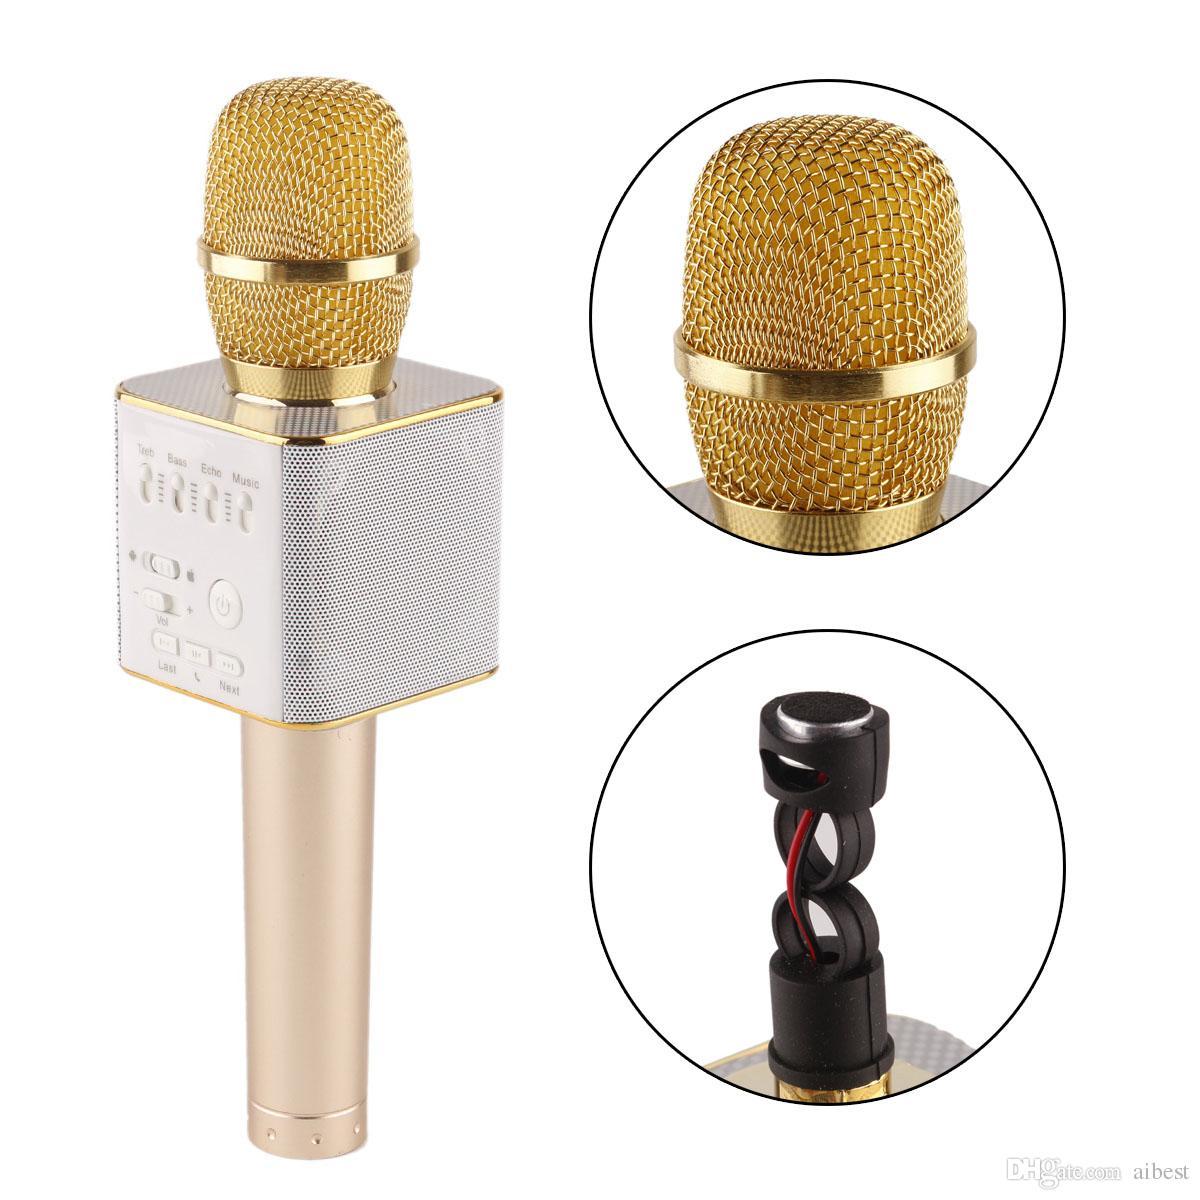 Q9 bluetooth mikrofon tragbare handheld wireless ktv karaoke-player dual hörner lautsprecher für iphone 7 plus samsung s7 edge